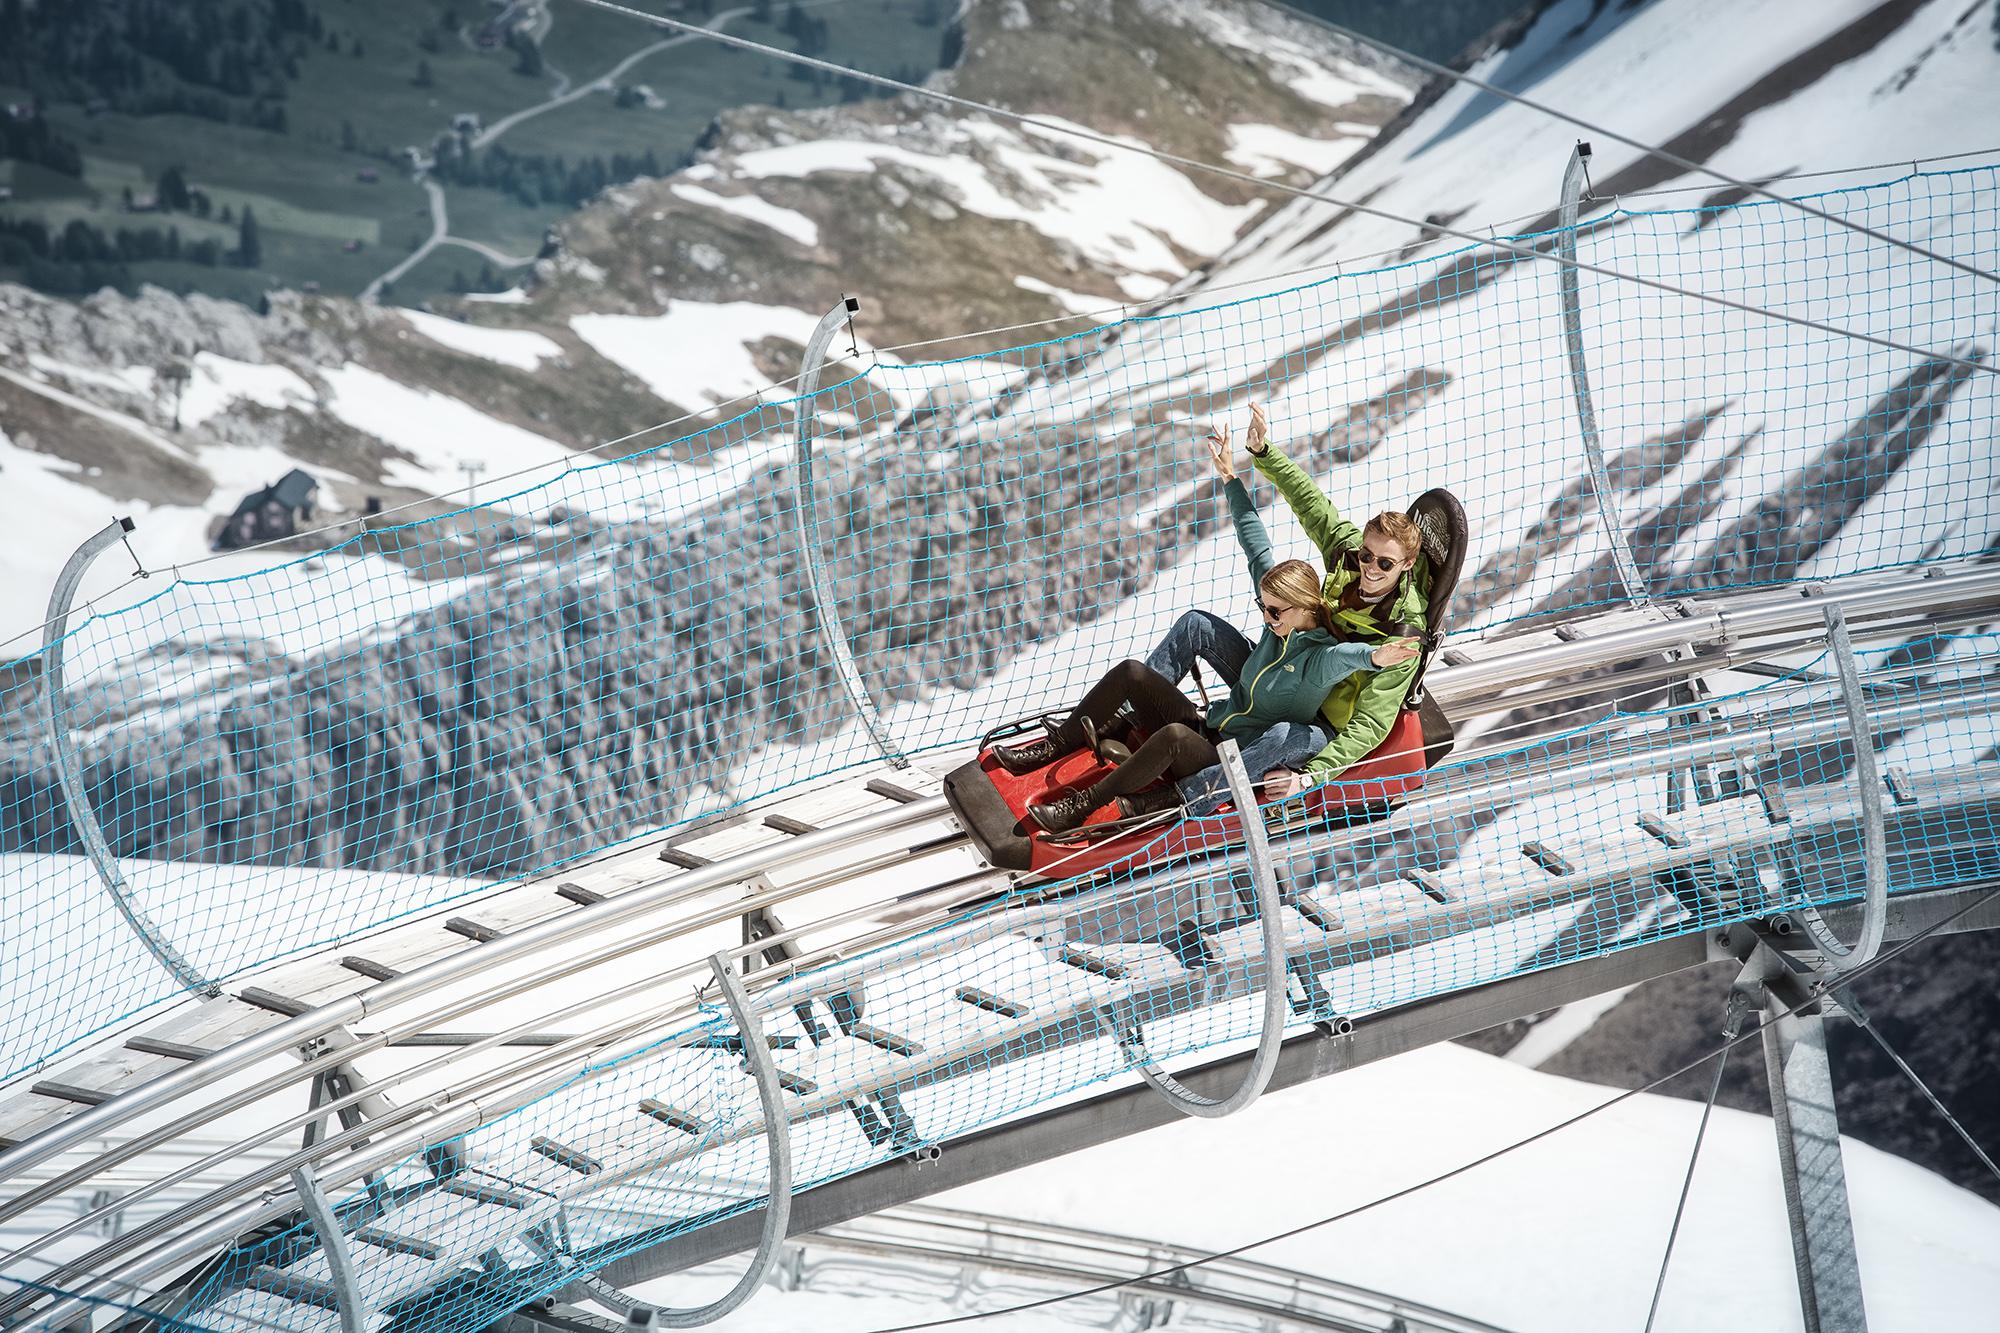 kt_2020_320_Keytours_excursions_Swisstours_glacier3000_roller_coaster1_2048_10